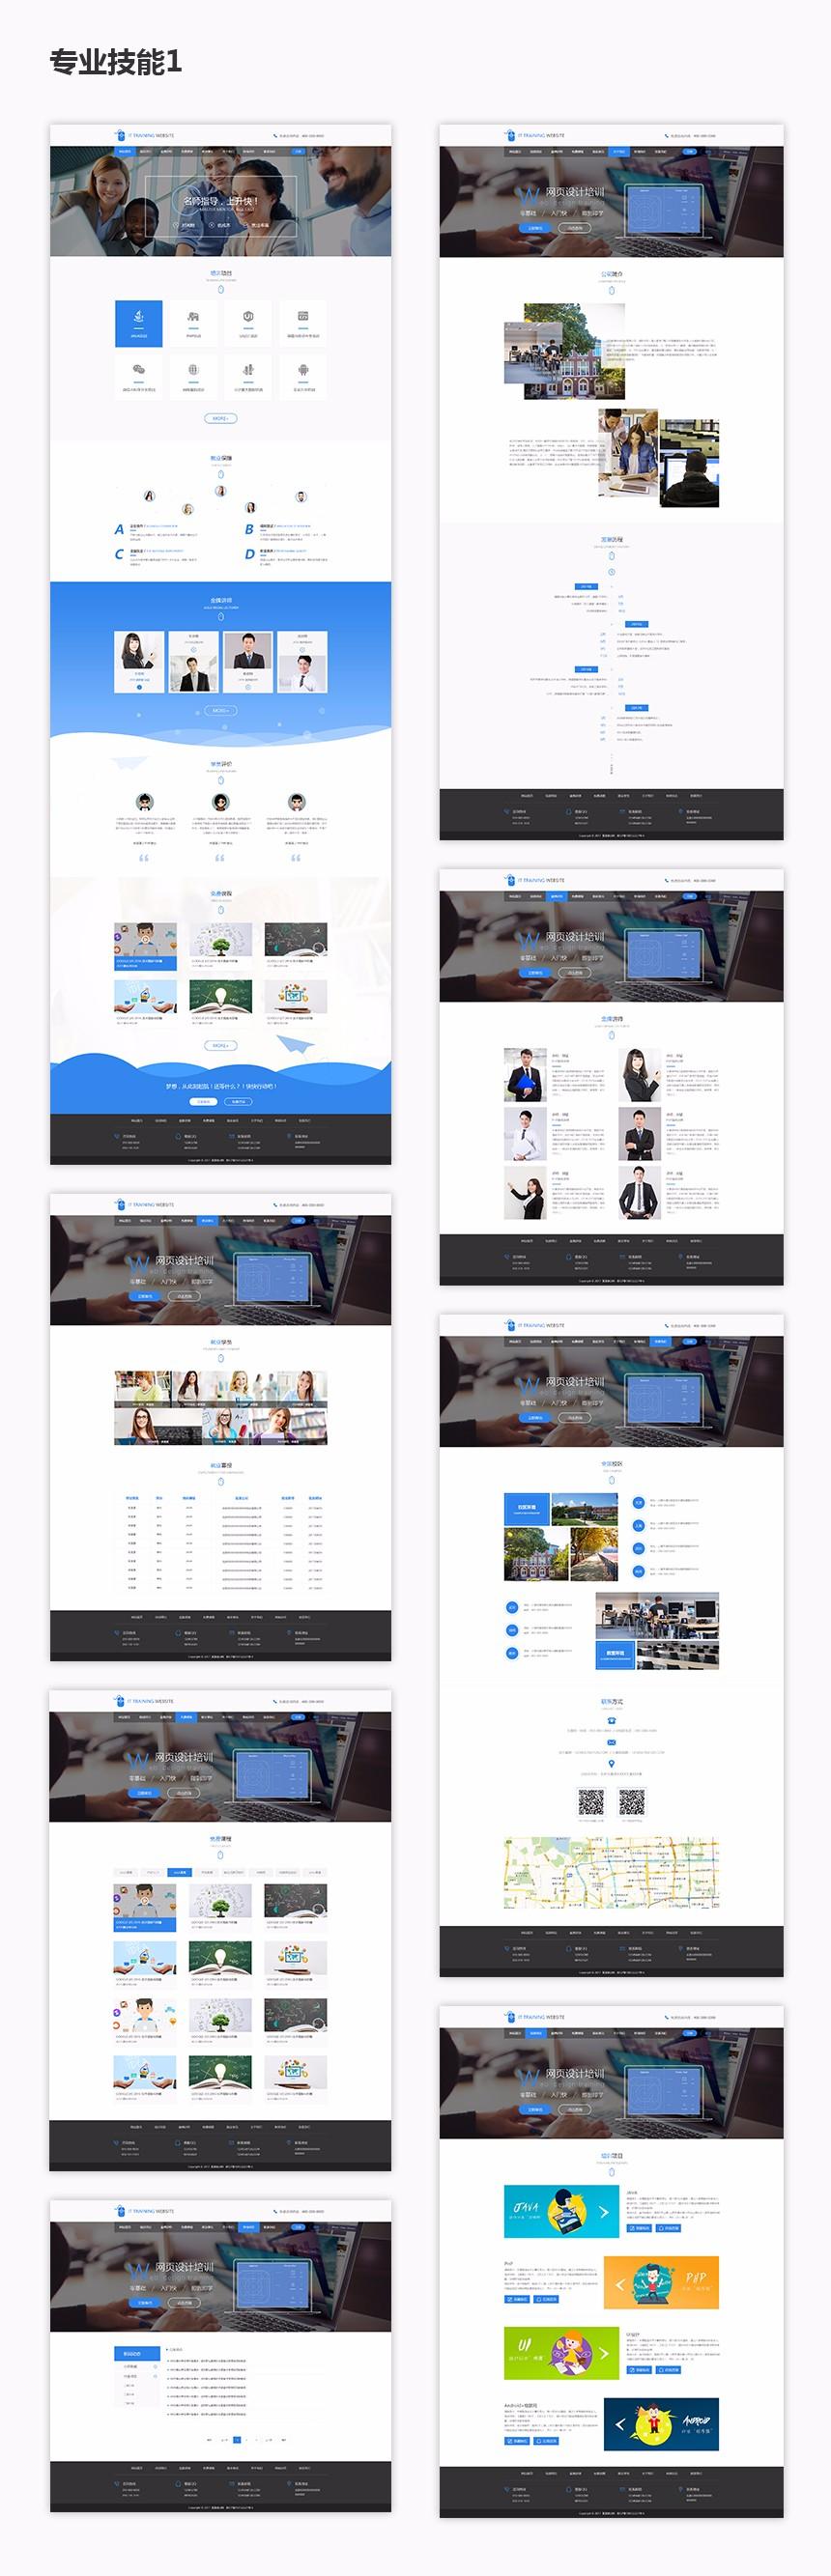 專業技能培訓公司網站模板樣式.jpg